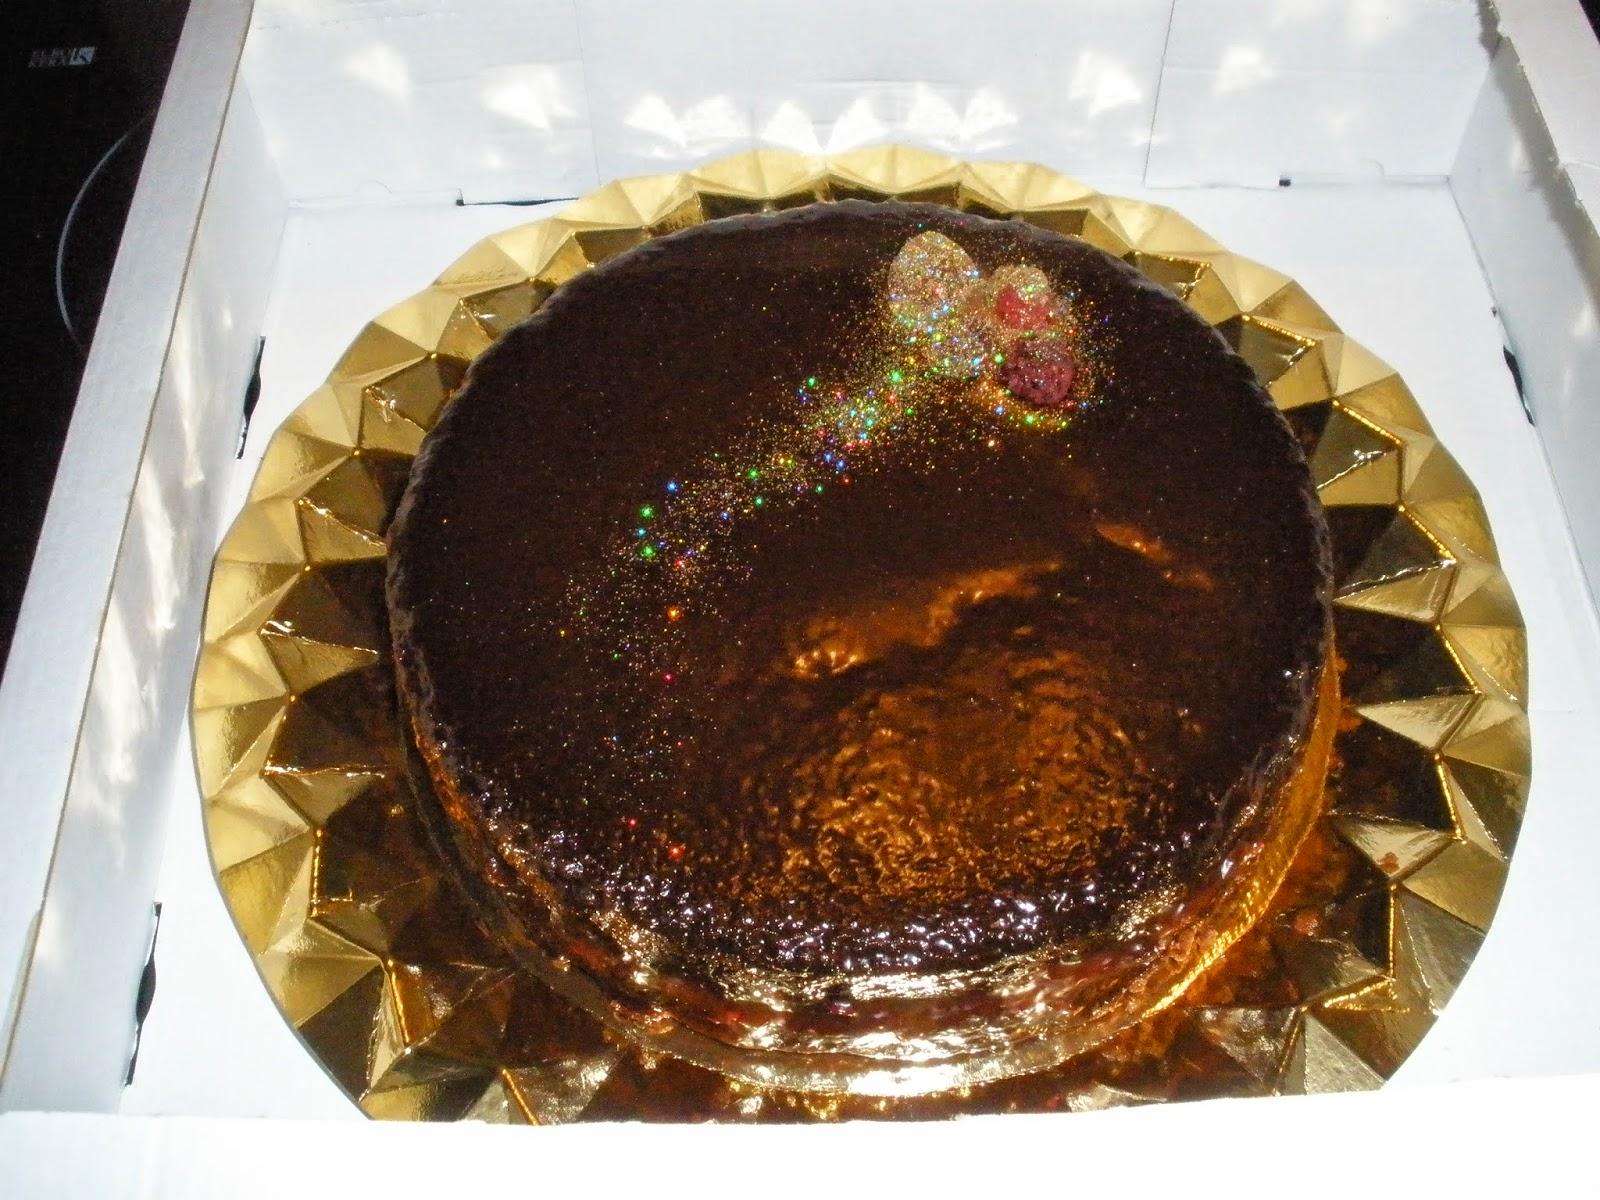 Bizcocho De Chocolate Episodio Ii: Tarta De Chocolate Y Frambuesa